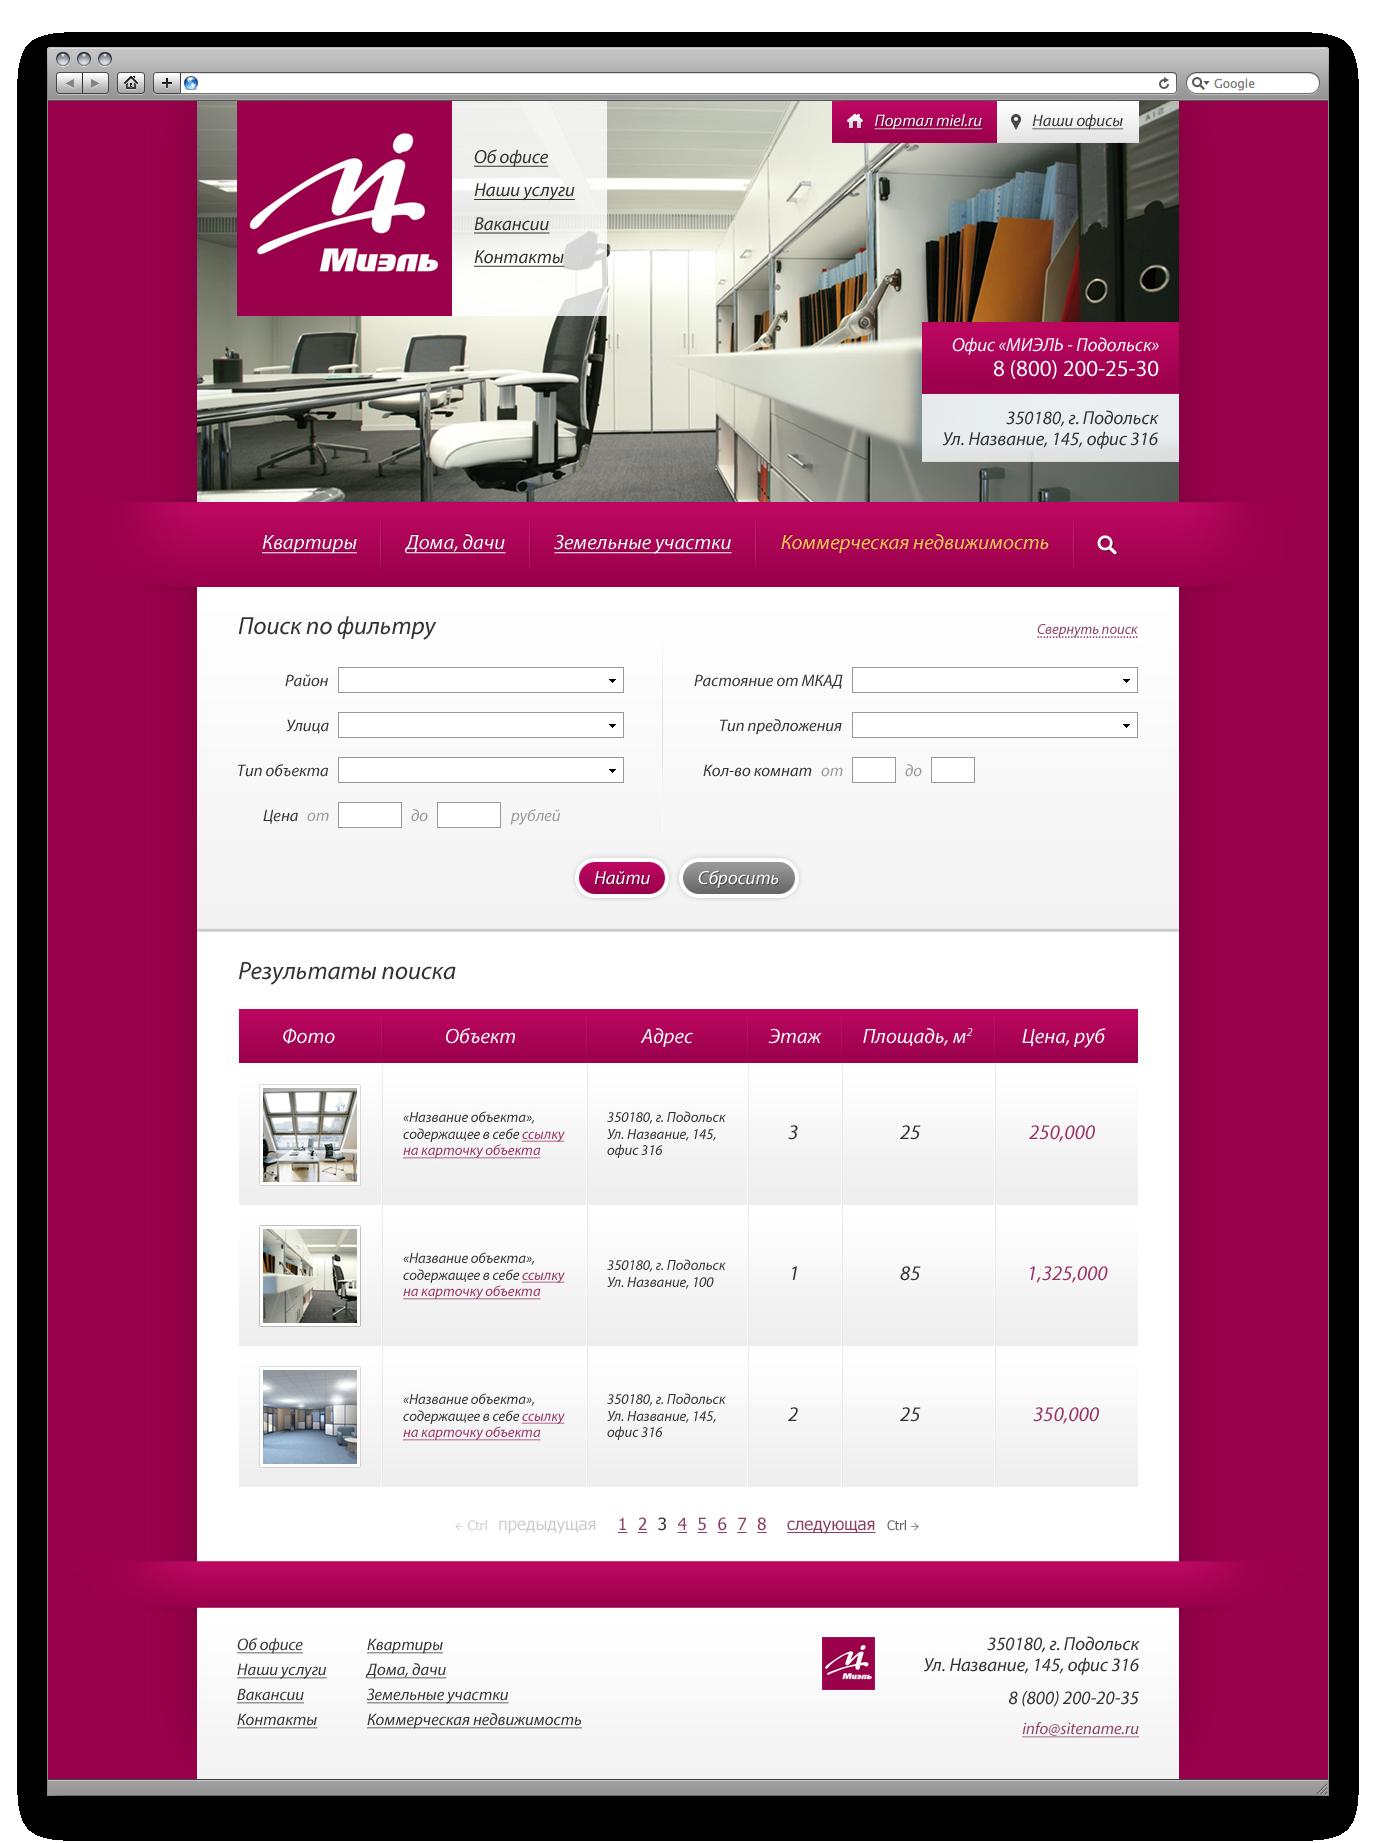 Дизайн интерфейса для сайта регионального представительства крупного агентства недвижимости.